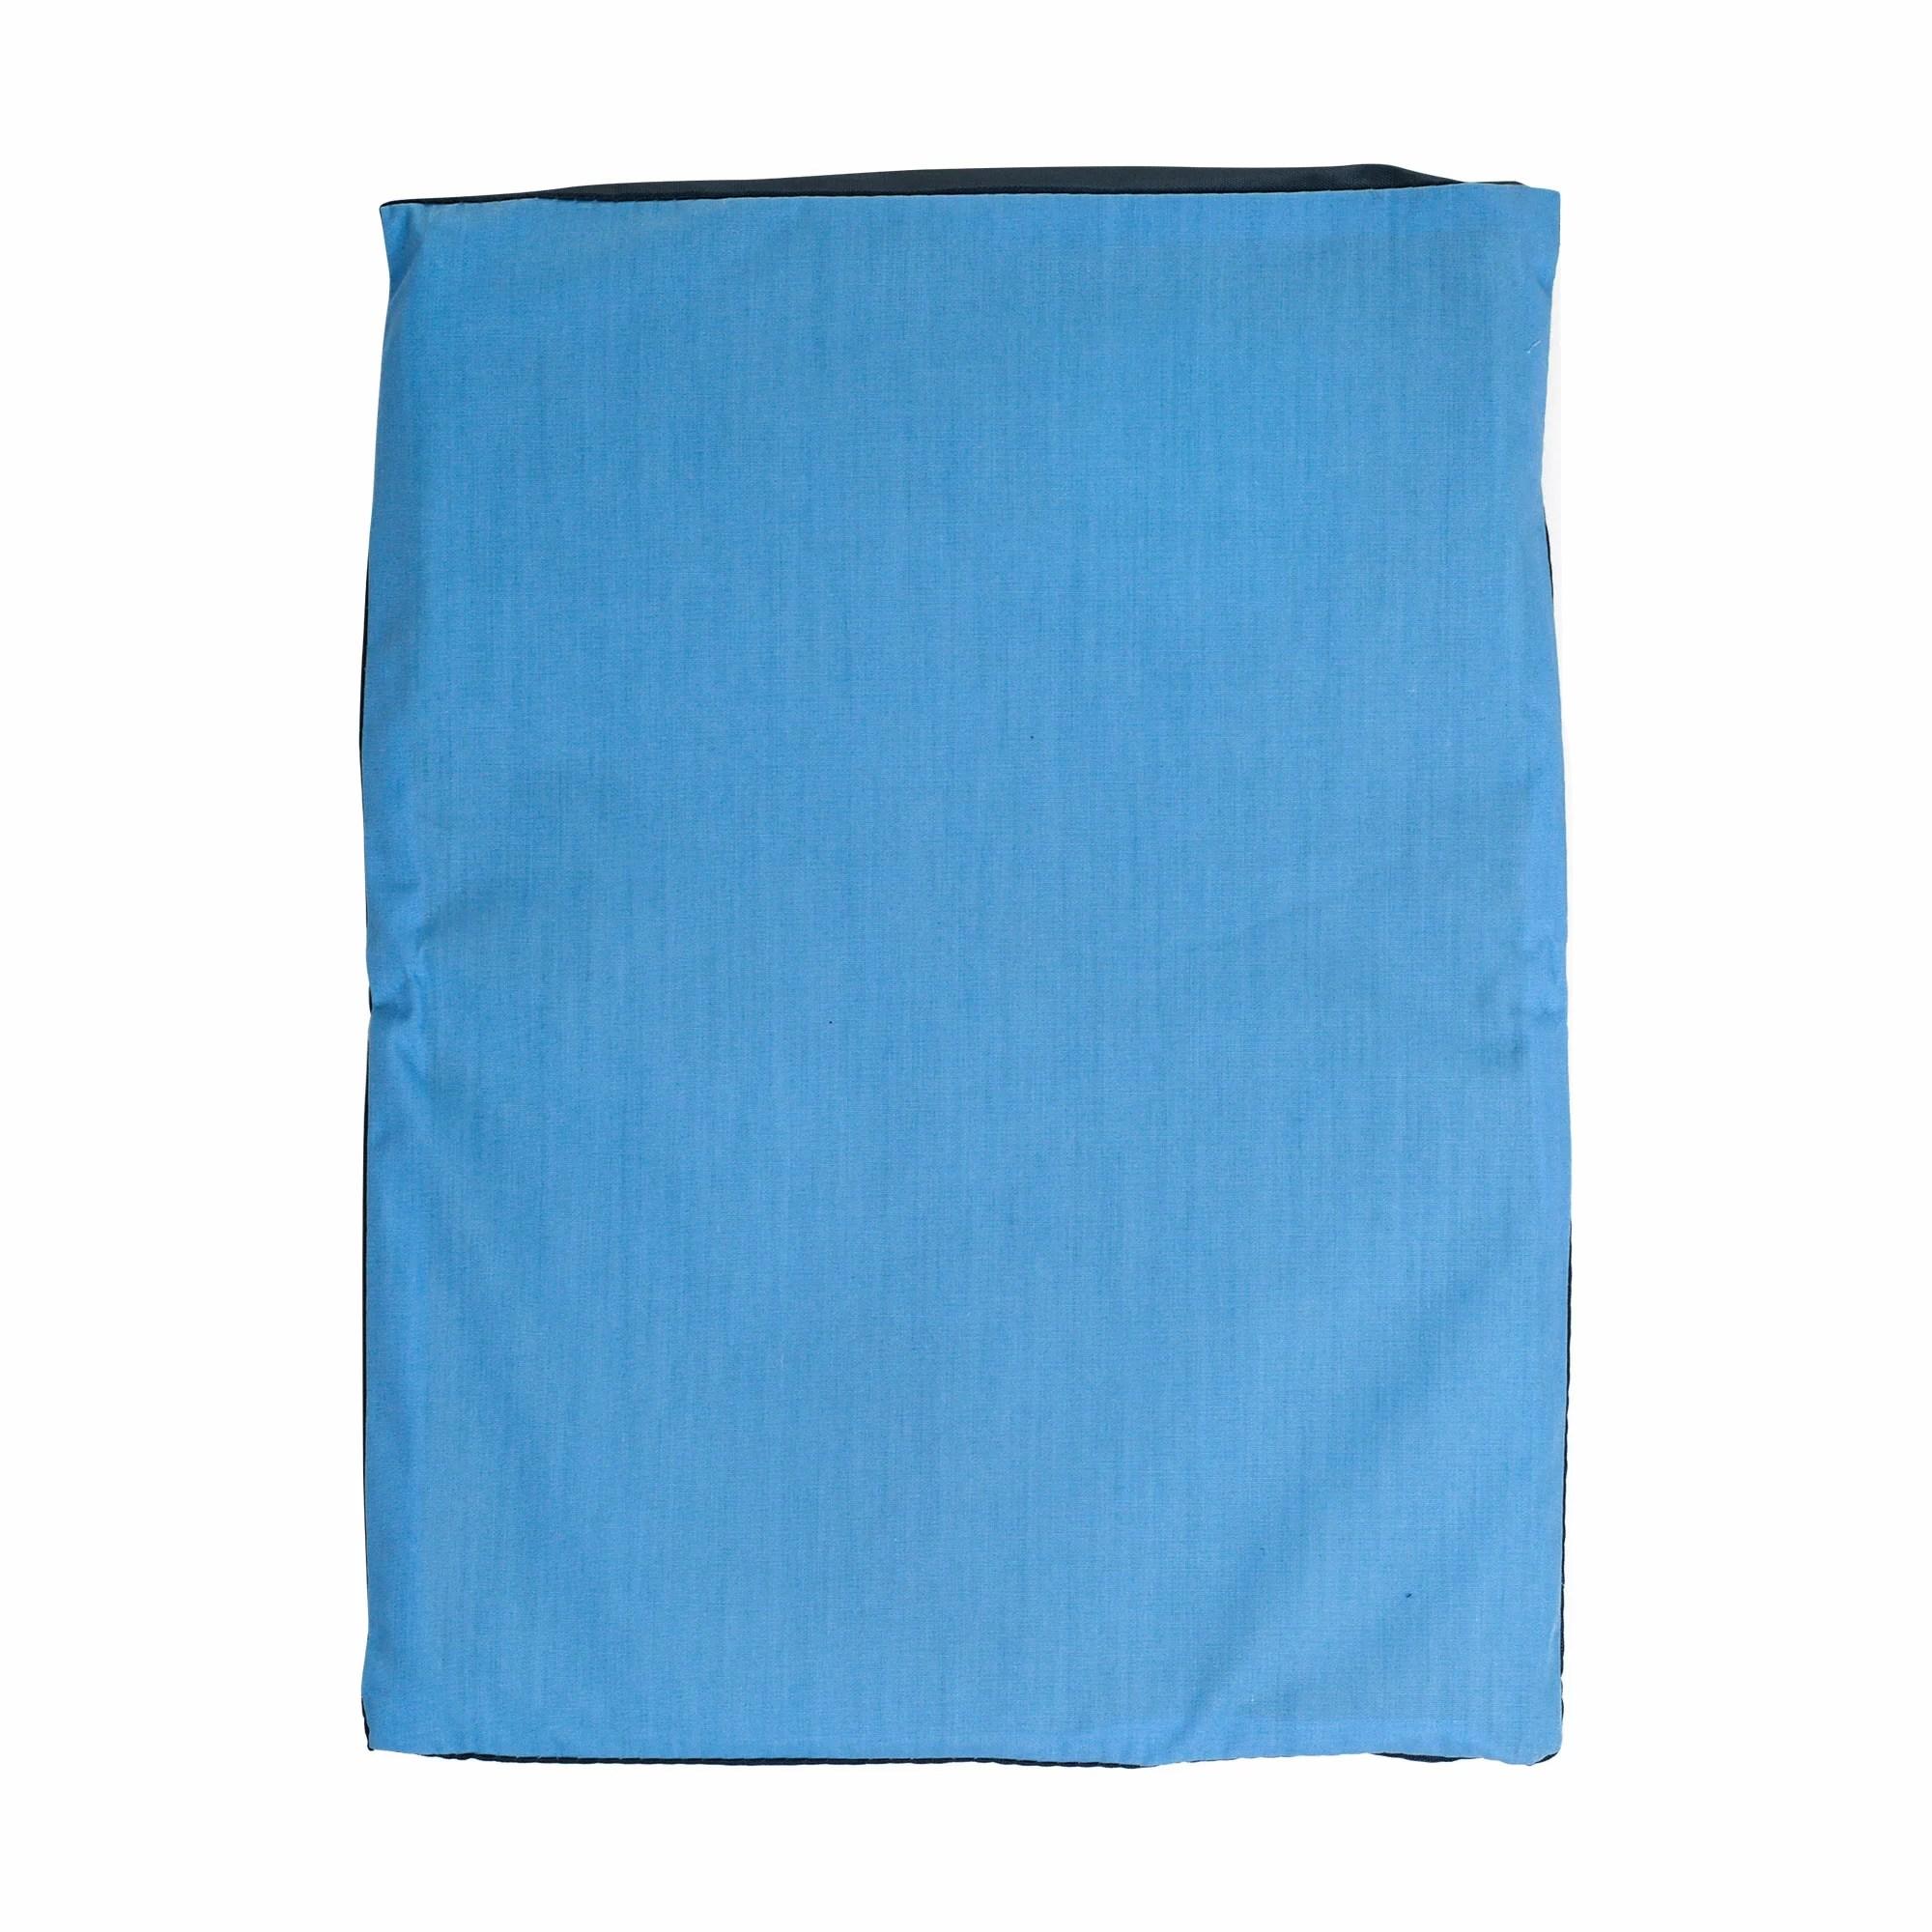 Remedy Gel Mini Pillow Mat  Reviews  Wayfair